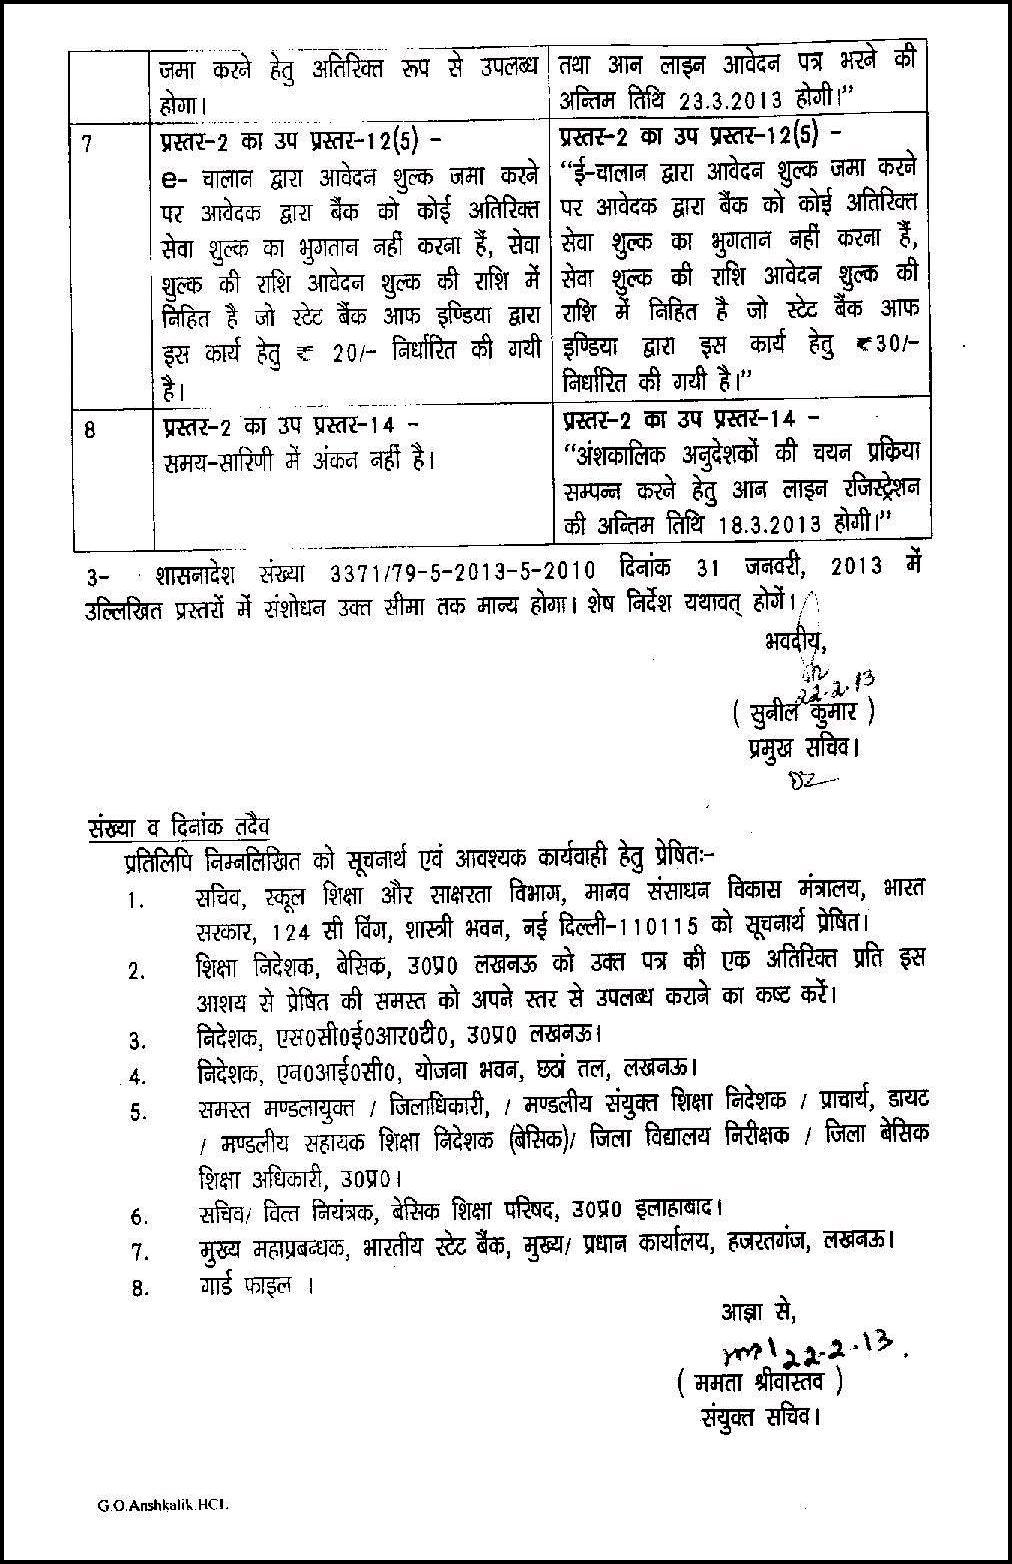 अंशकालिक अनुदेशकों की नियुक्ति के शासनादेश दिनांक 31.01